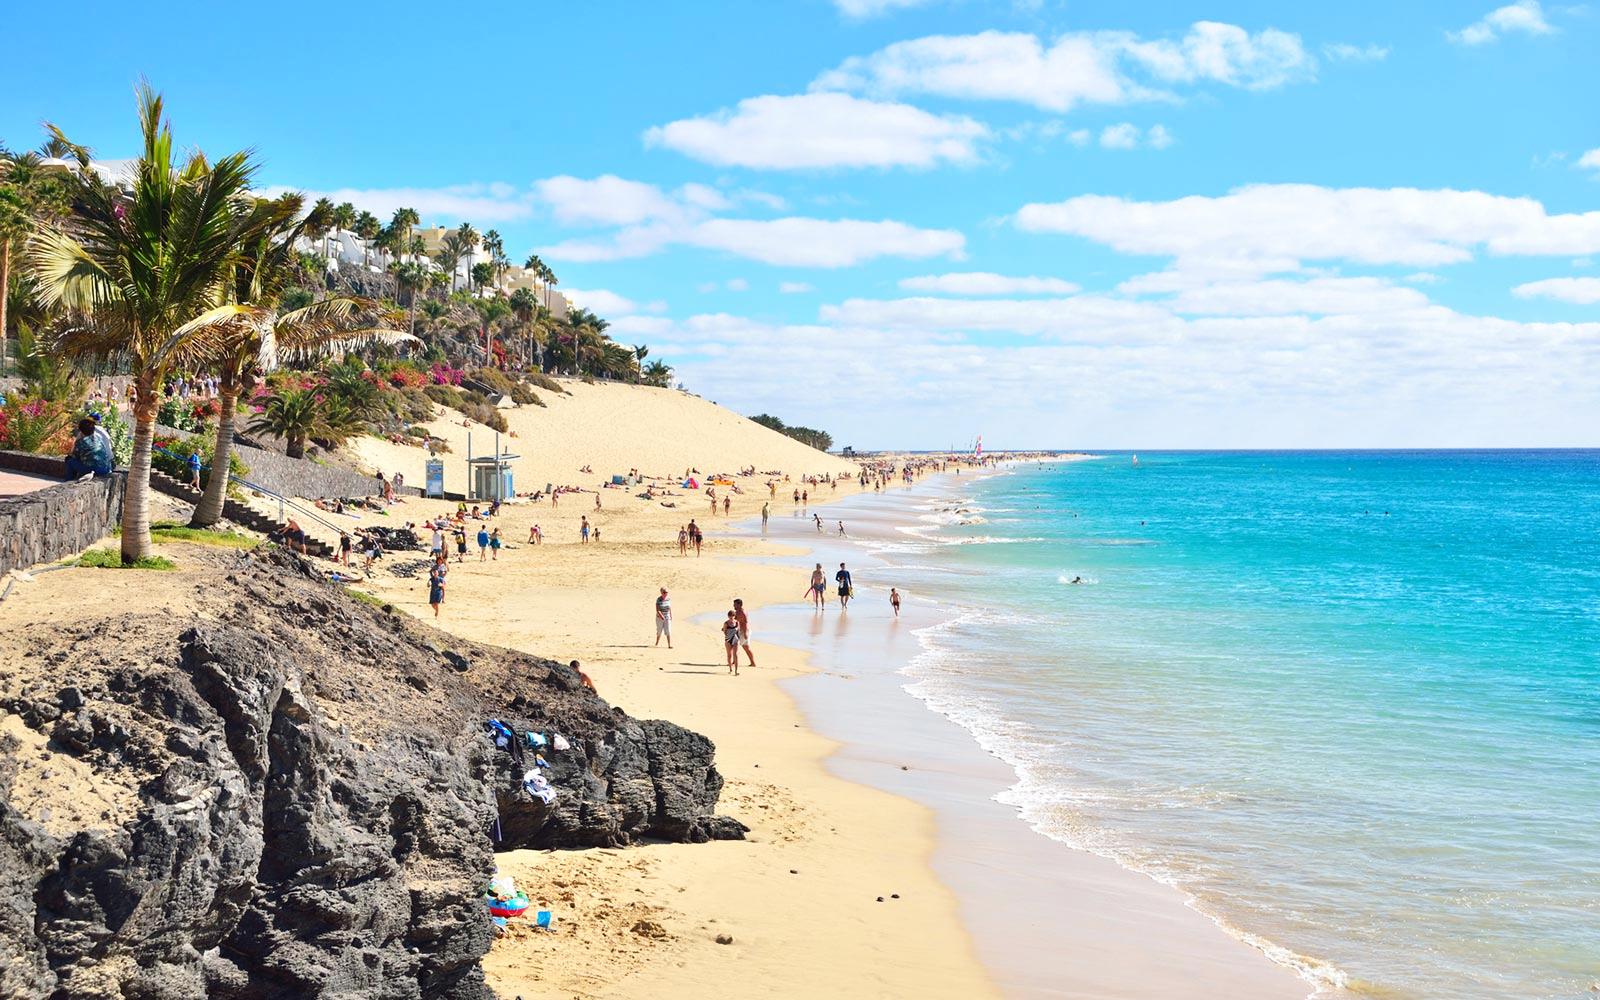 Ofertas de viajes a fuerteventura con vuelos directos - Hoteles con encanto en fuerteventura ...